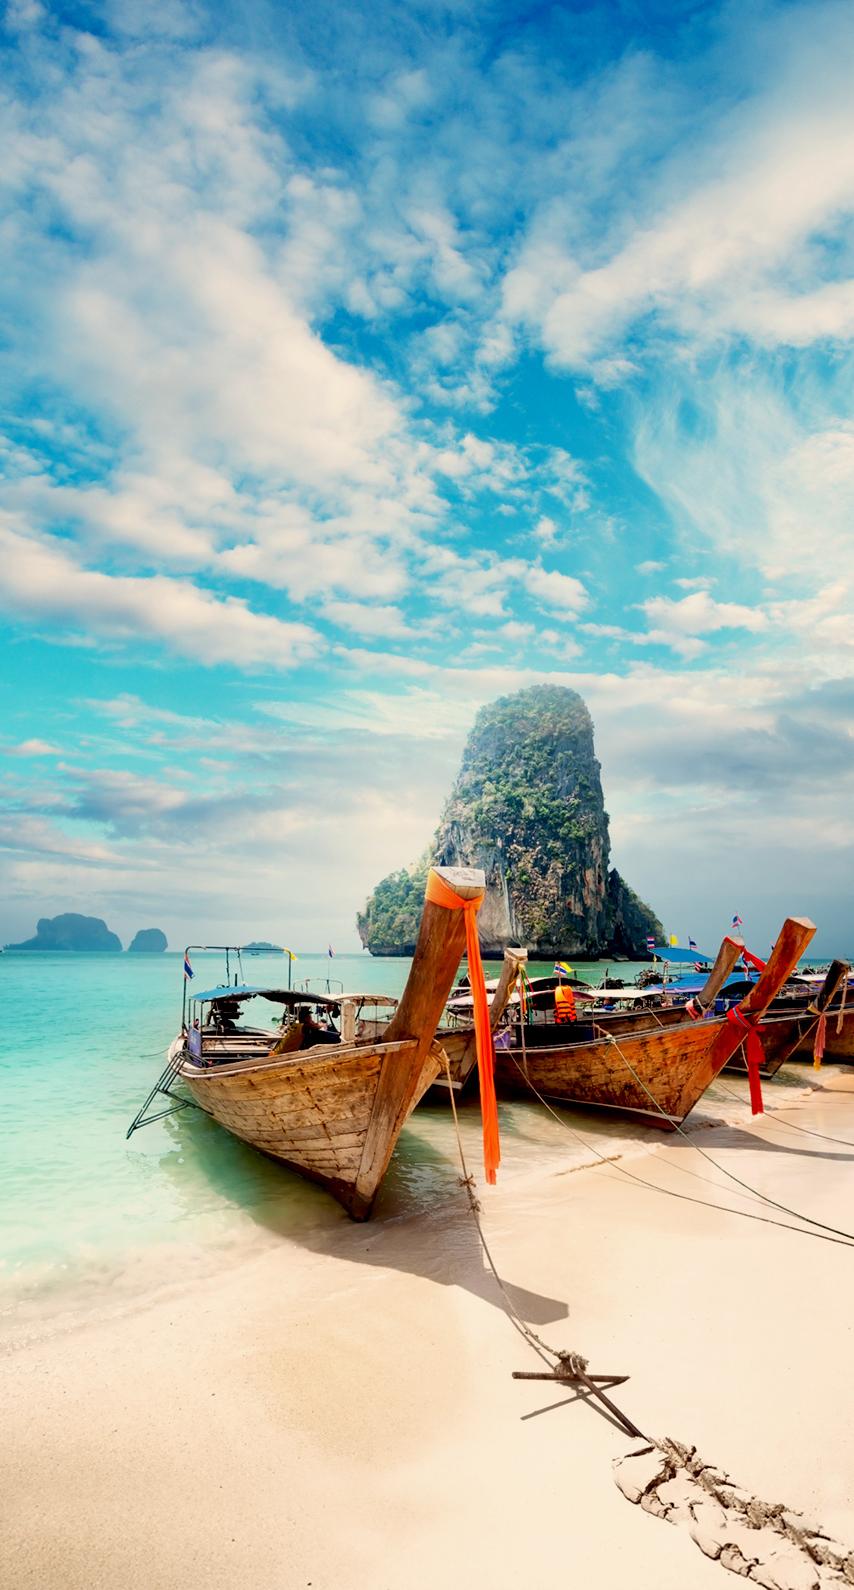 exotic, paradise